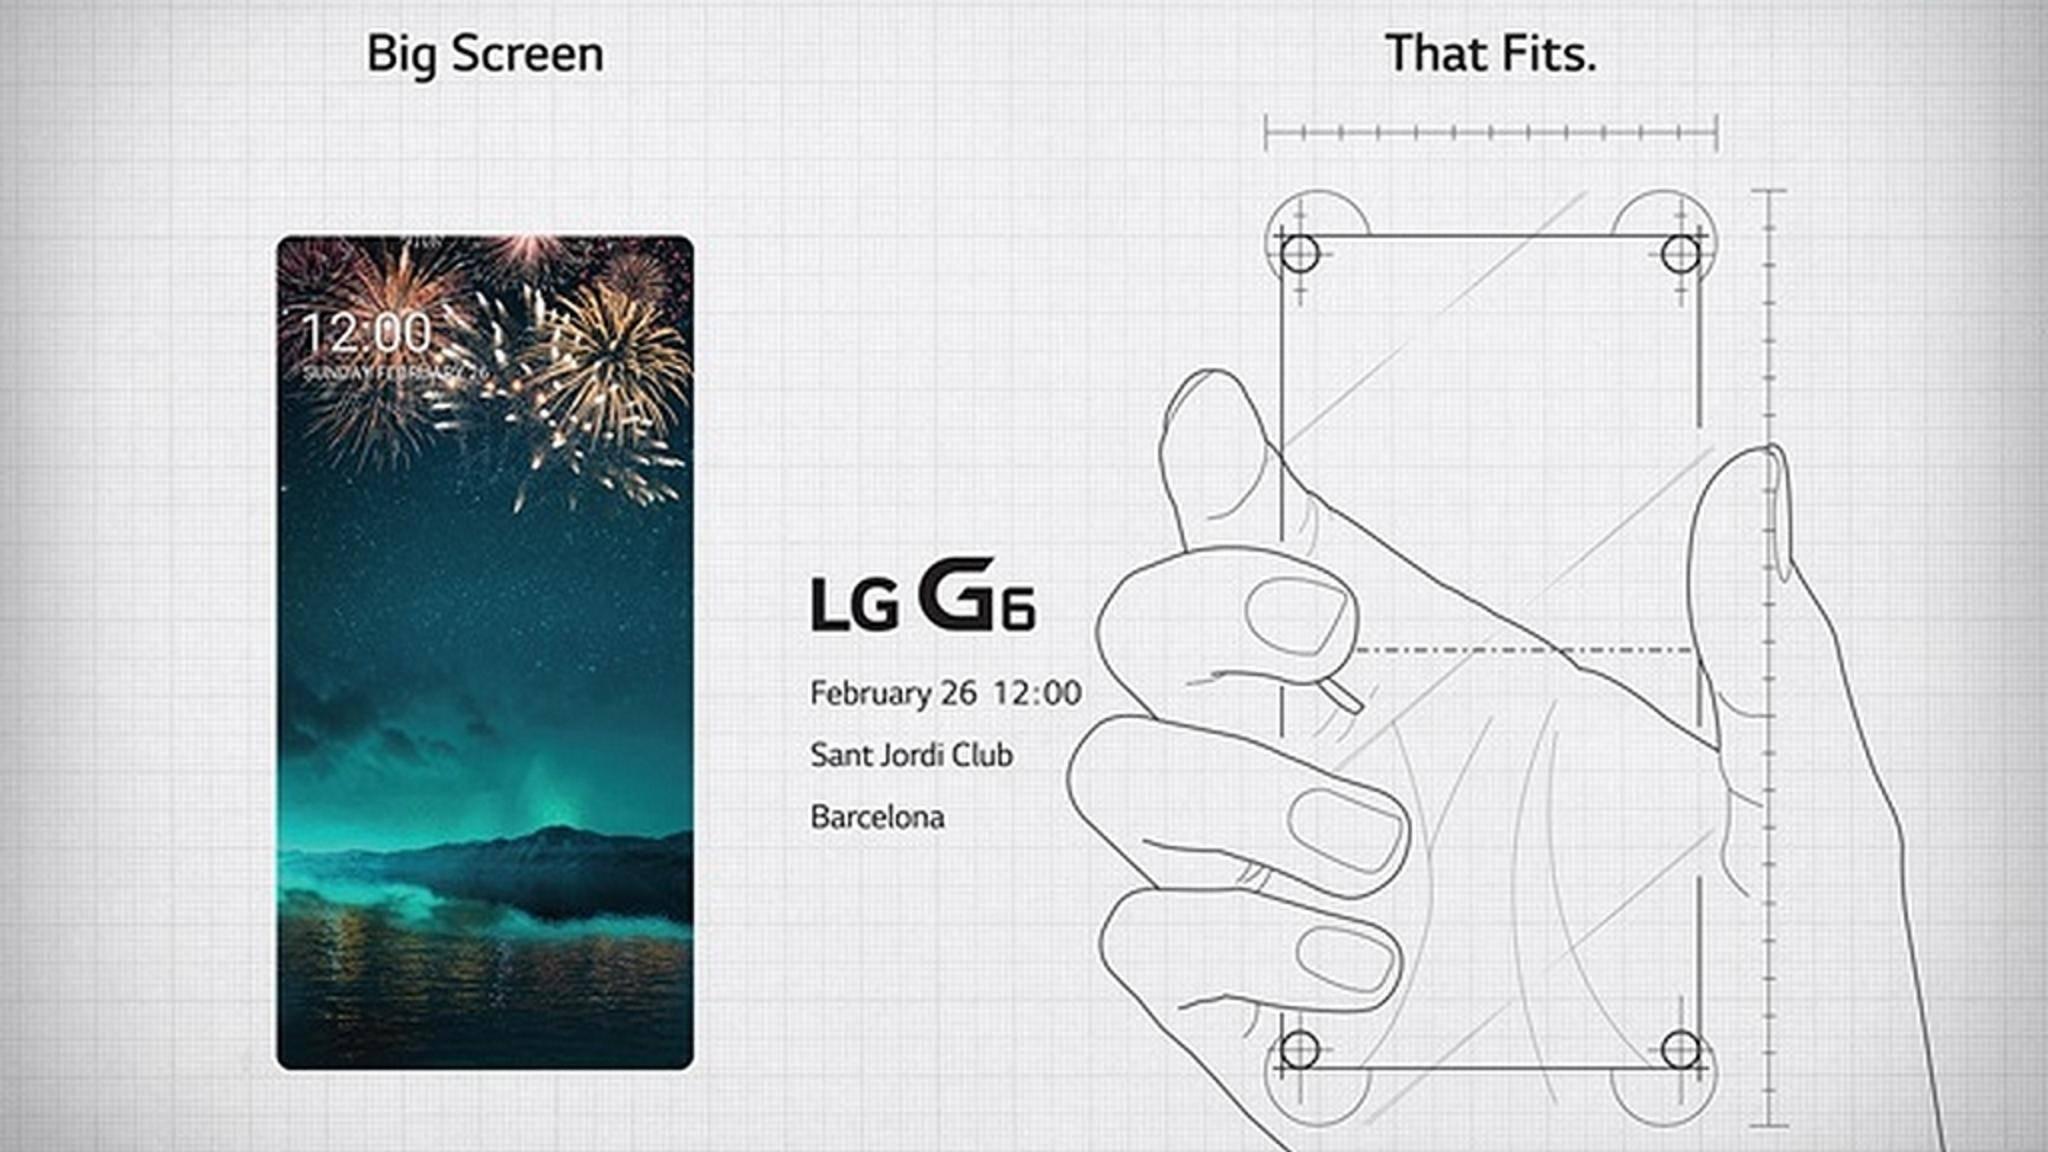 Die neue Einladung deutet ein randloses Display für das LG G6 an.